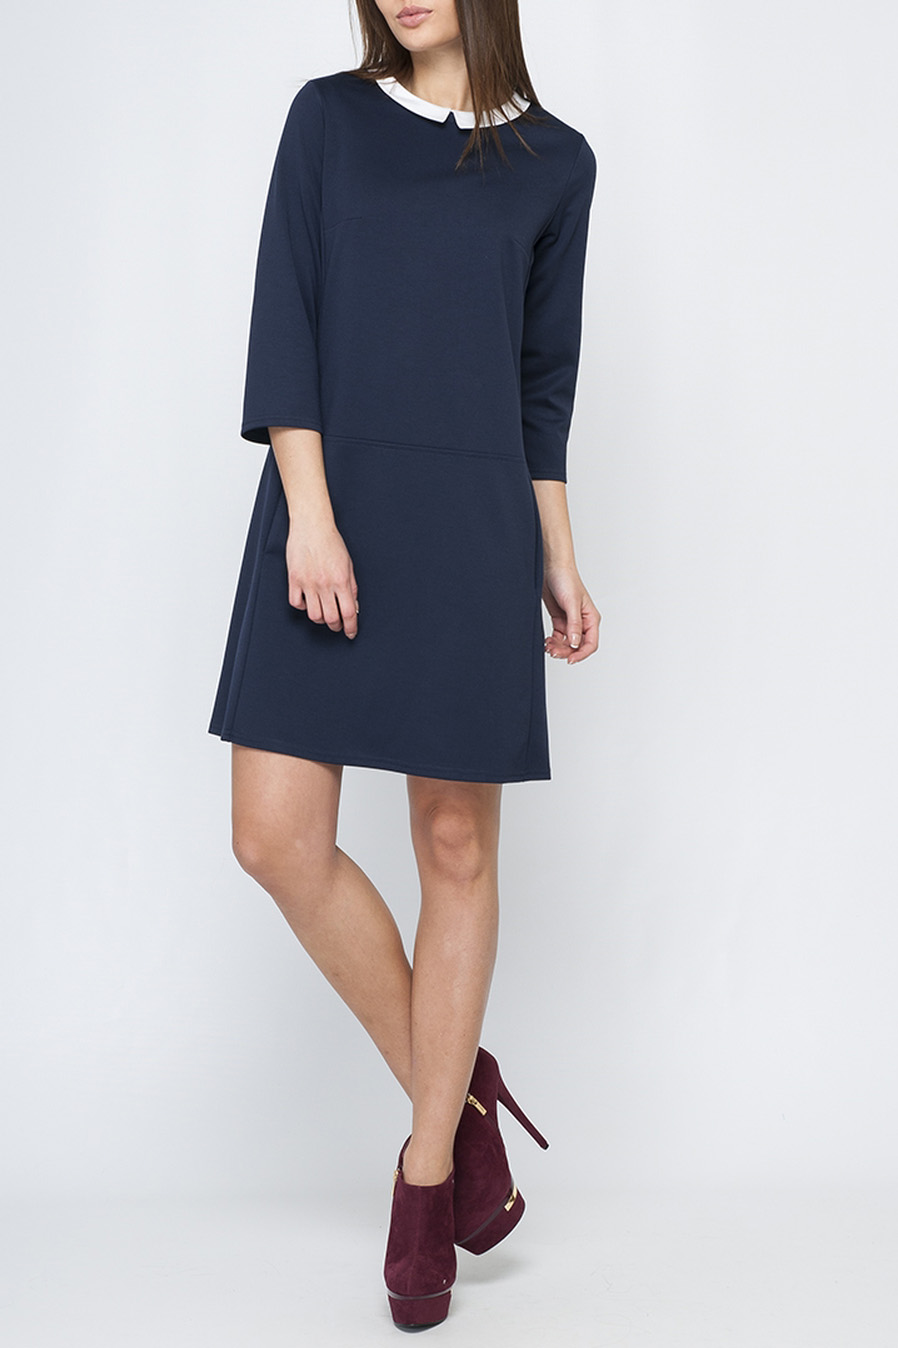 ПлатьеПлатья<br>Модное женское платье нежного бежевого цвета, с контрастным отложным воротничком, по спинке изделия застежка-пуговица, длина чуть выше колена.   Параметры изделия: 44 размер: обхват по линии груди - 97 см, обхват по линии бедер - 105 см, длина по спинке - 89,5 см, длина рукава - 45 см;  52 размер: обхват по линии груди - 113 см, обхват по линии бедер - 117 см, длина по спинке - 97 см, длина рукава - 48 см  В изделии использованы цвета: синий, белый  Рост девушки-фотомодели 170 см.<br><br>Воротник: Отложной<br>Горловина: С- горловина<br>По длине: До колена<br>По материалу: Трикотаж<br>По рисунку: Однотонные<br>По силуэту: Полуприталенные<br>По стилю: Офисный стиль,Повседневный стиль<br>По форме: Платье - трапеция<br>По элементам: С карманами<br>Рукав: Рукав три четверти<br>По сезону: Осень,Весна,Зима<br>Размер : 42<br>Материал: Джерси<br>Количество в наличии: 1